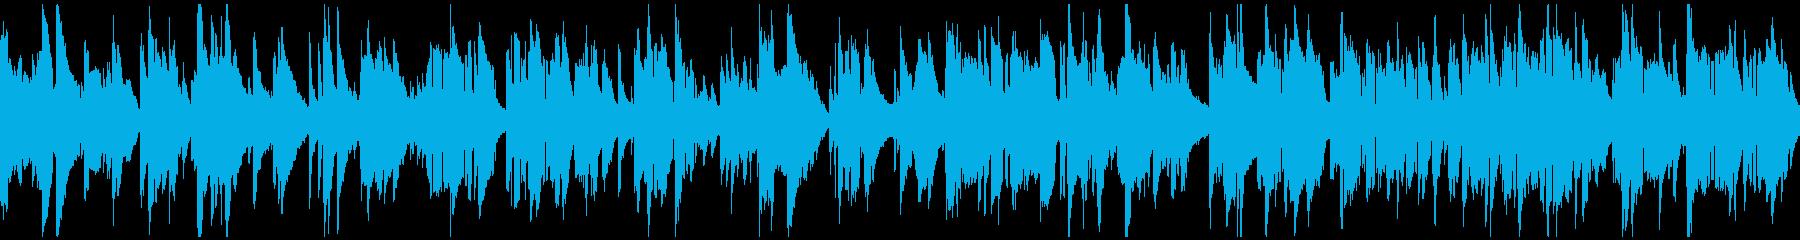 ムードたっぷりな生演奏サックス※ループ版の再生済みの波形